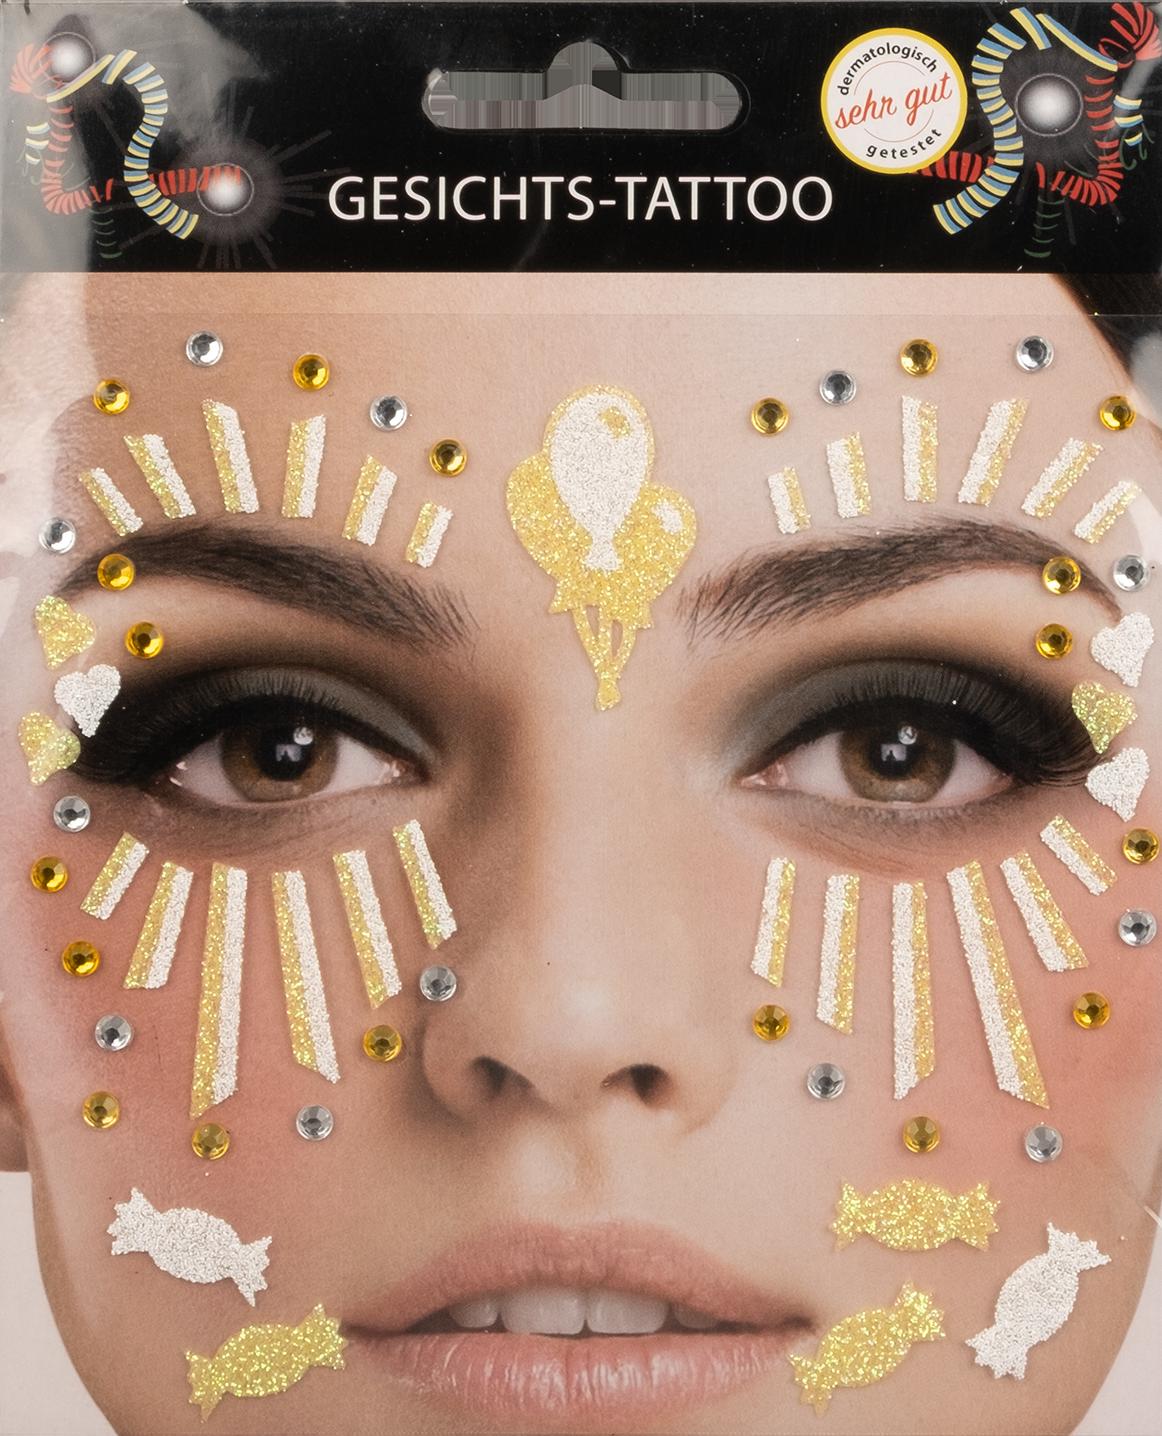 Gesichts-Tattoo Clown gelb weiß